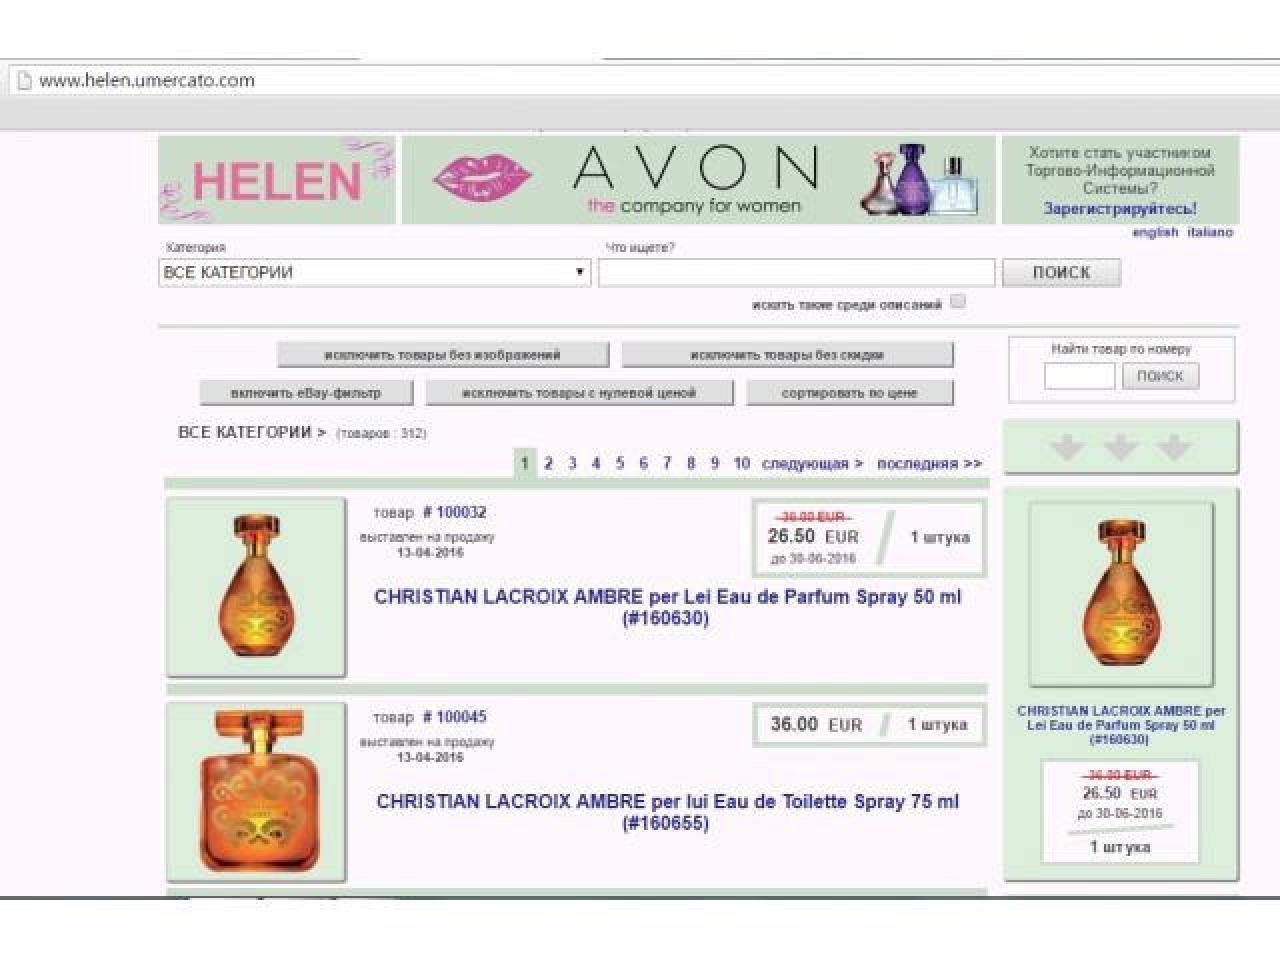 СДЕЛАЮ ЗА 5 EUR универсальный online каталог для рекламы любых потребительских товаров - 2